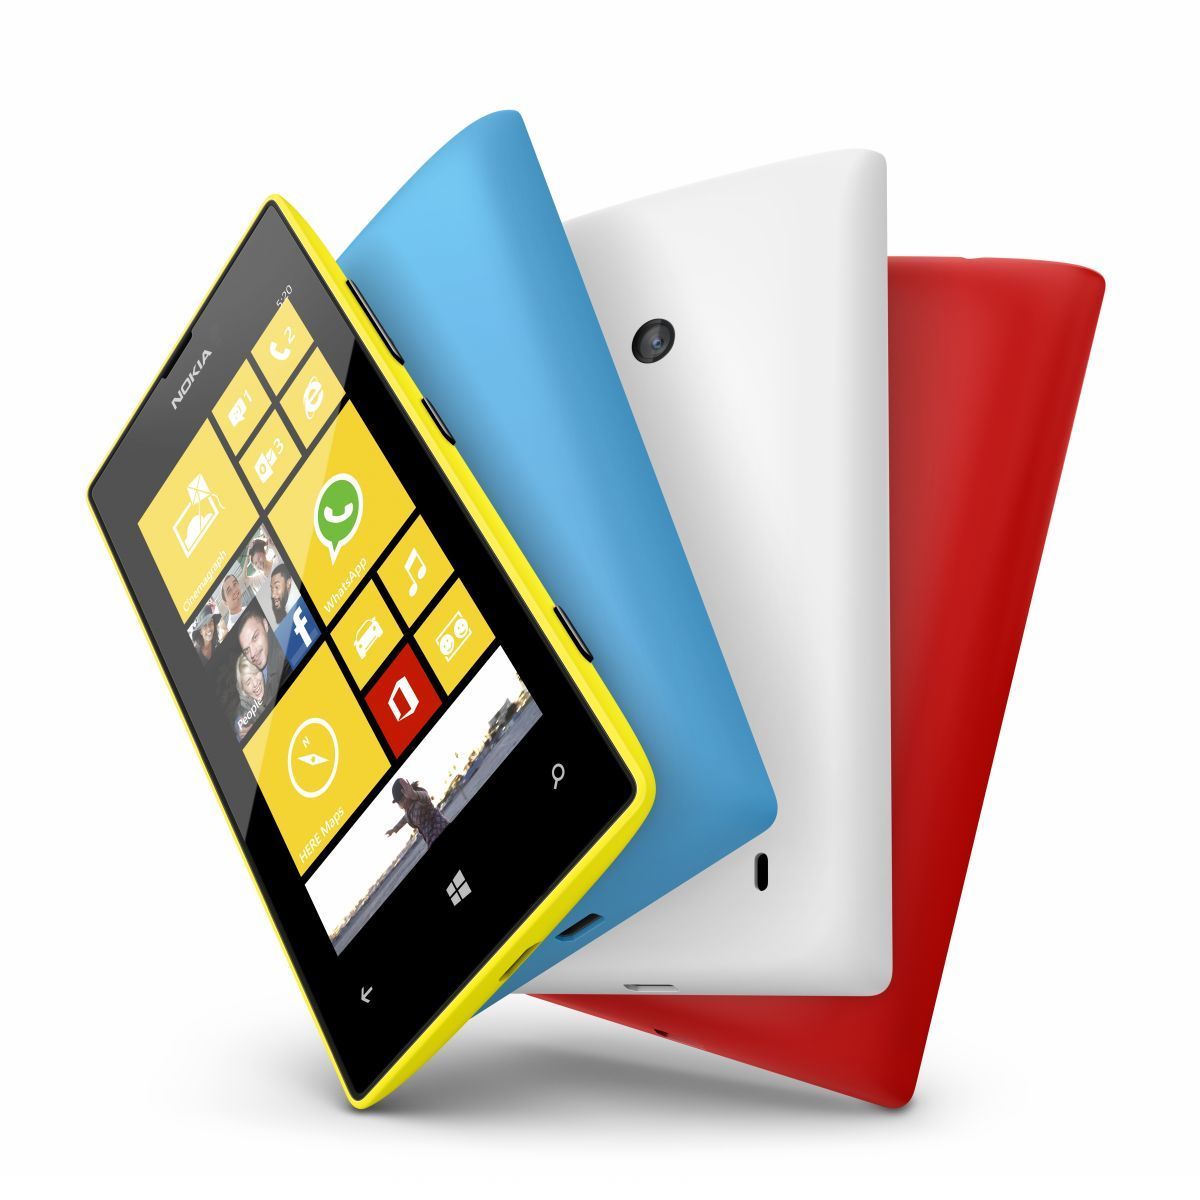 Nokia Lumia 720 and Nokia Lumia 520 launched at Nokia